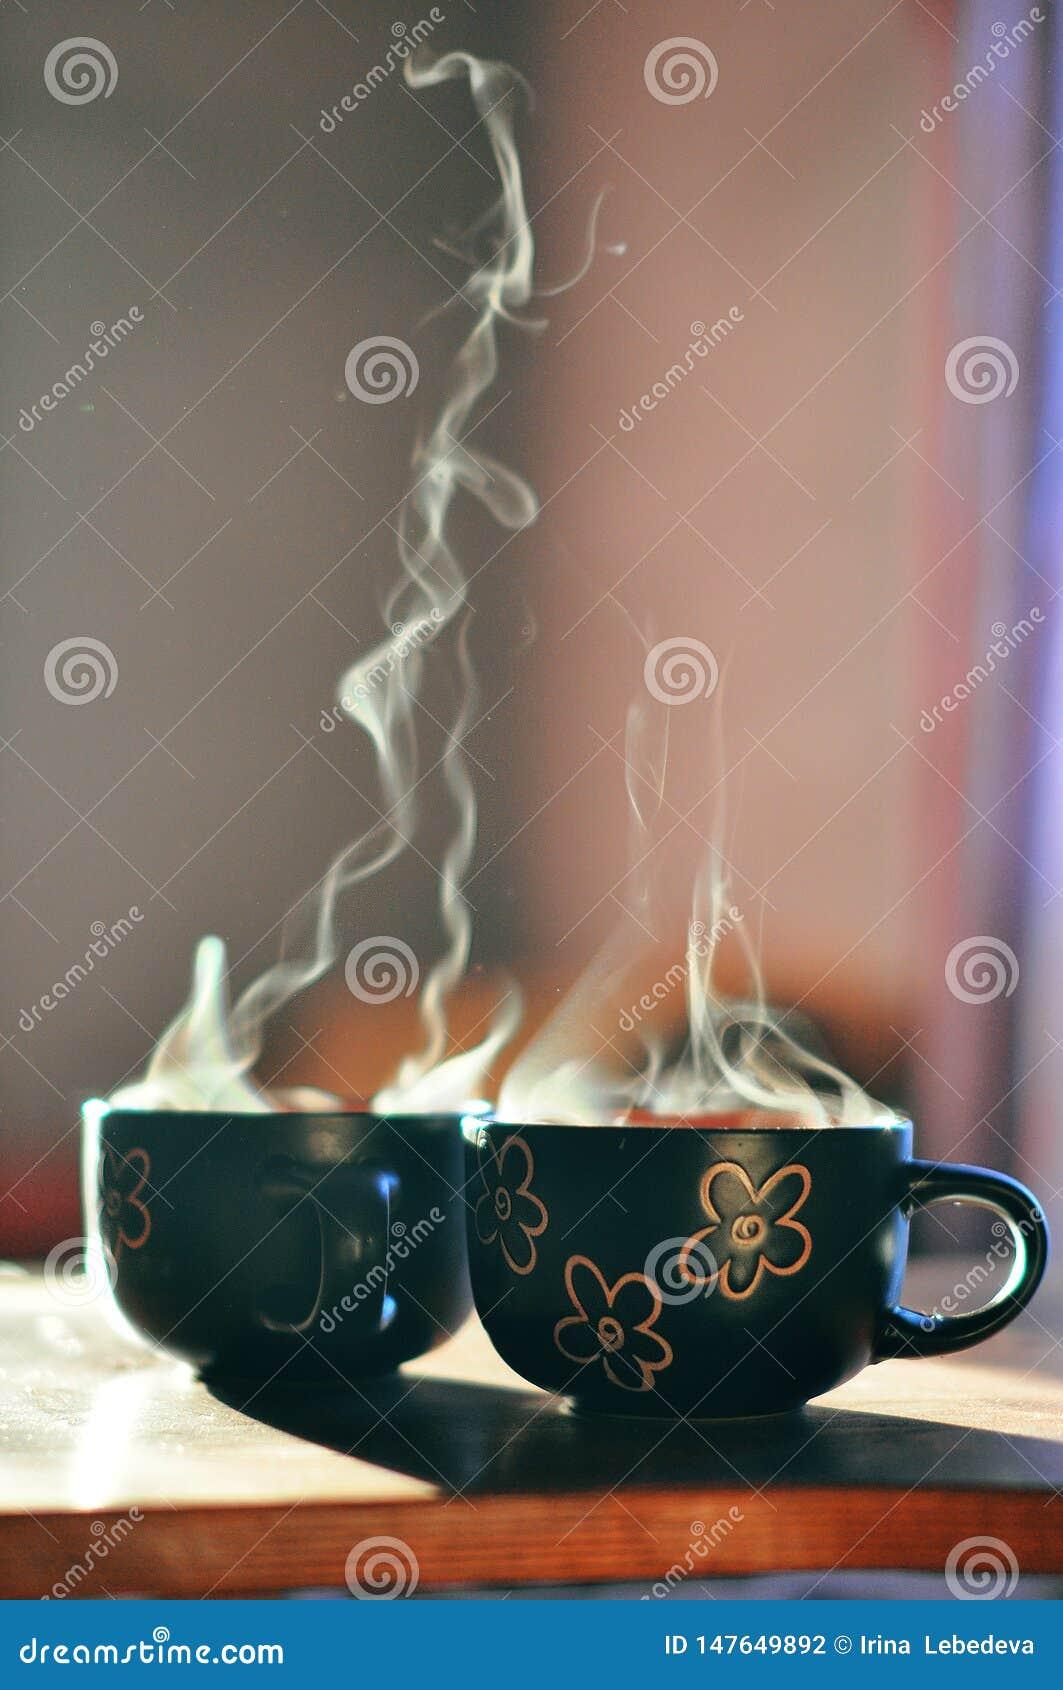 Café aromático en tazas en el sol de la mañana